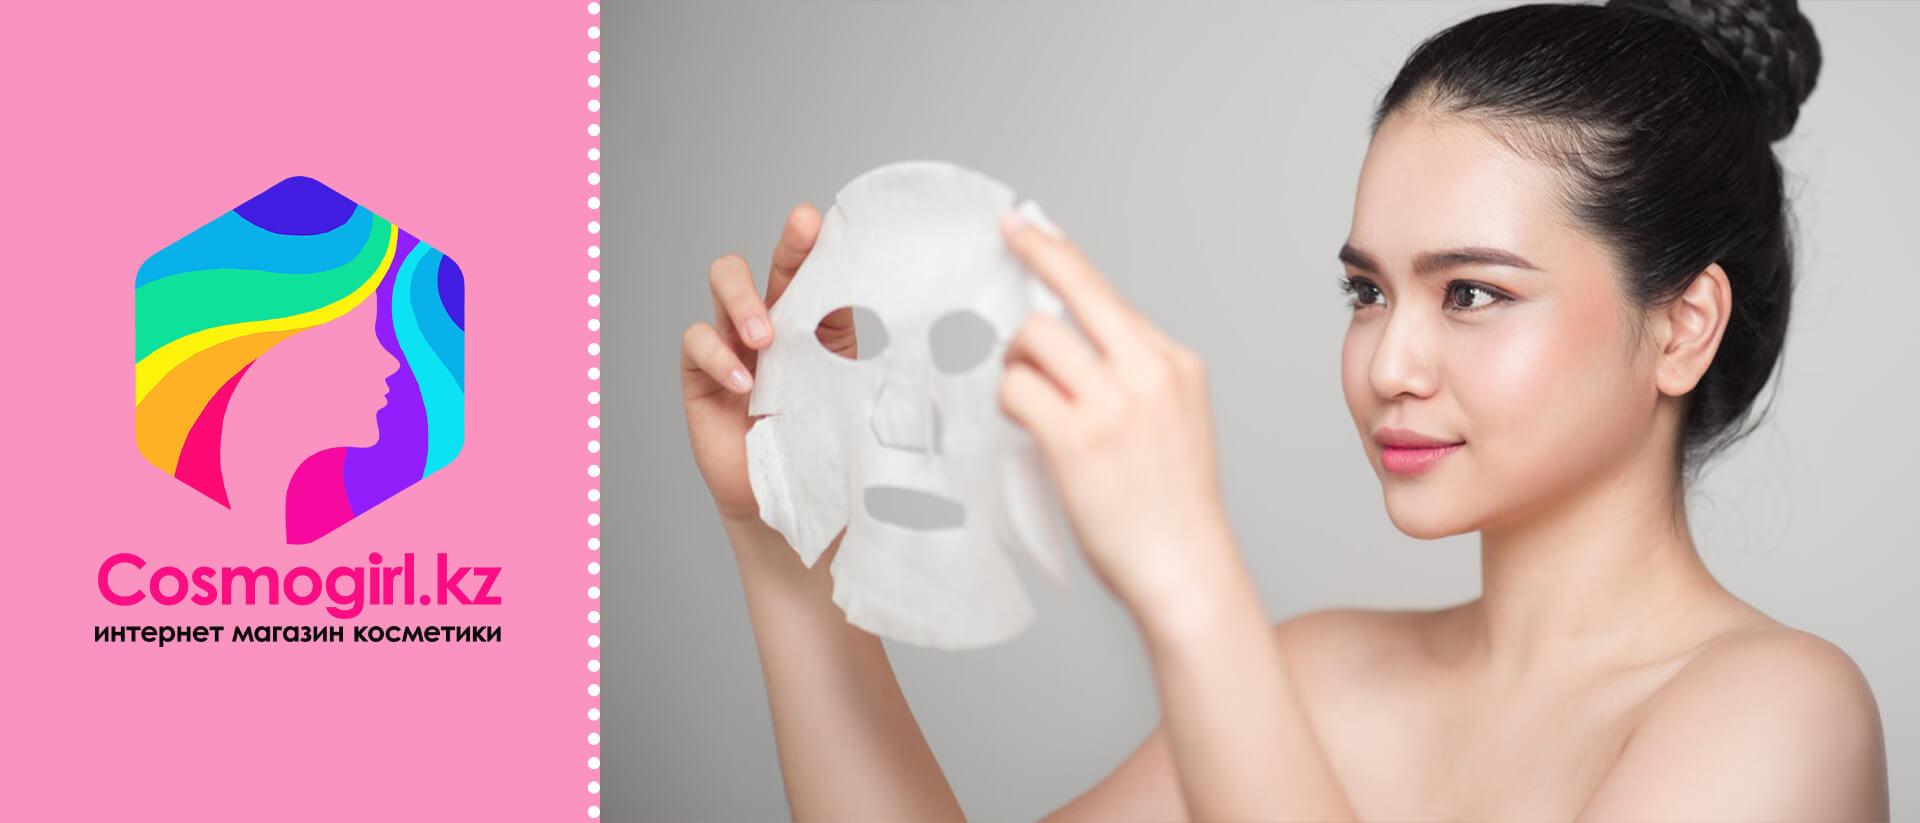 Как выбрать тканевую маску